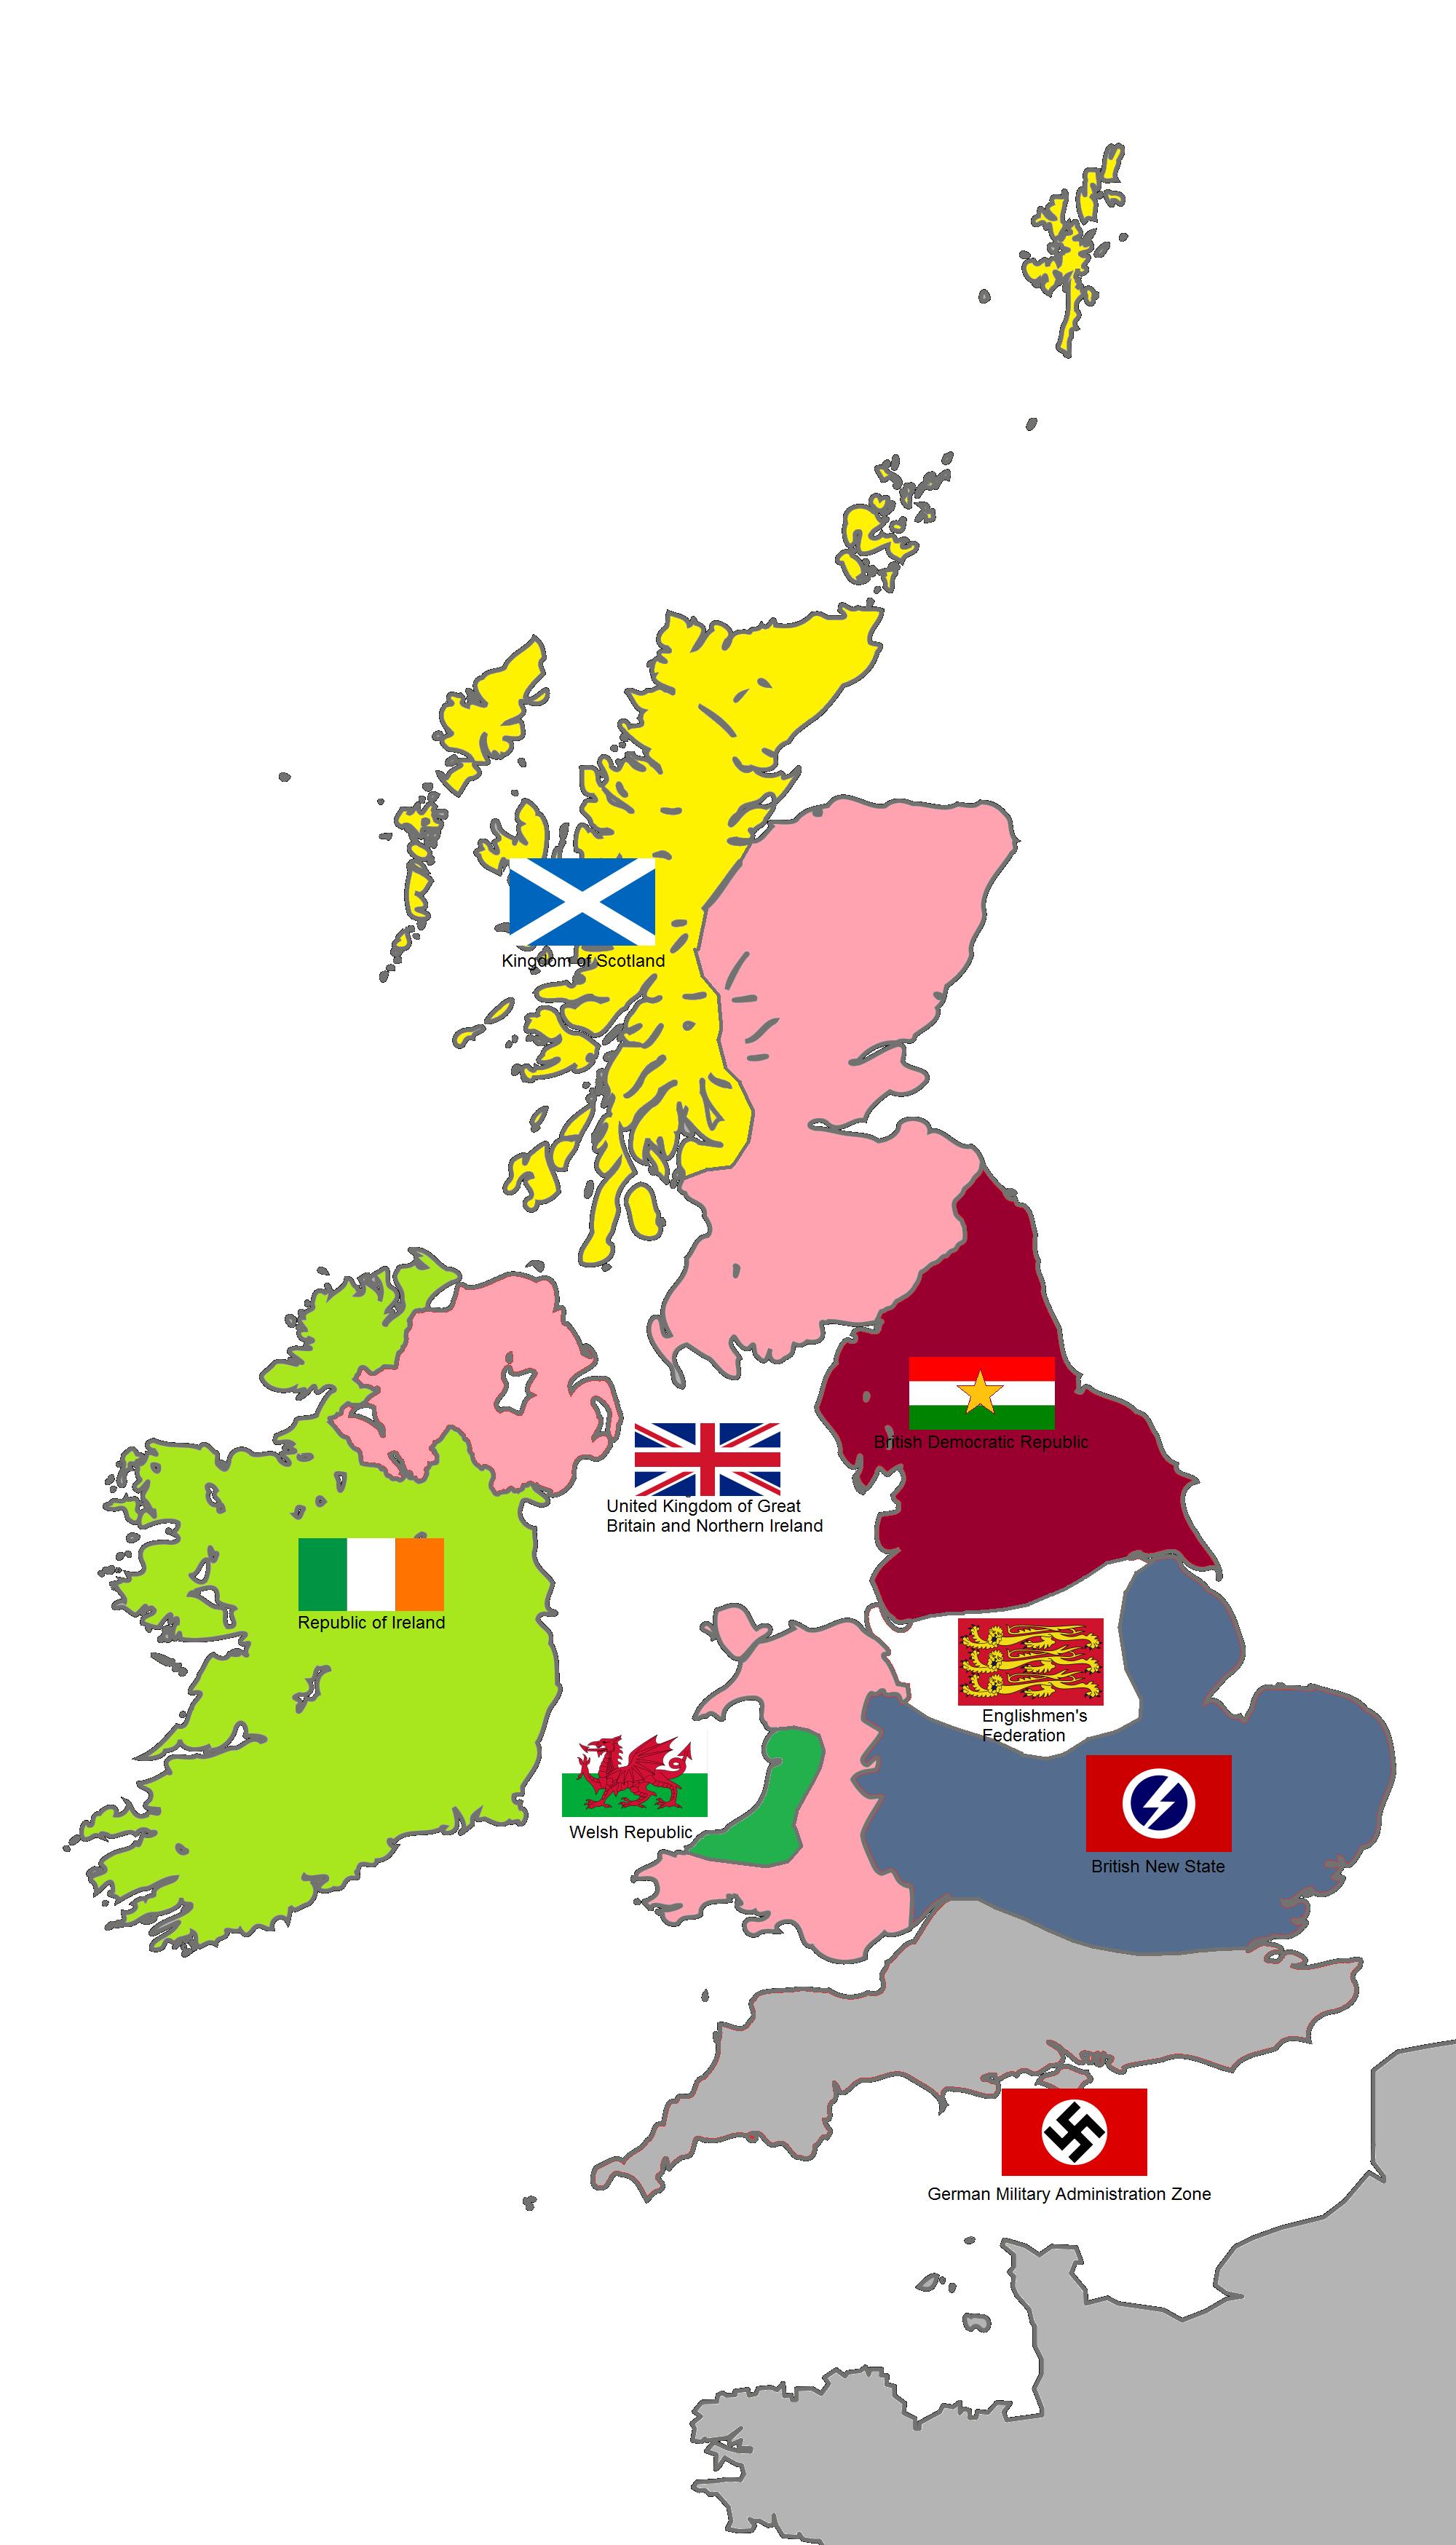 Britishcivilwar.png